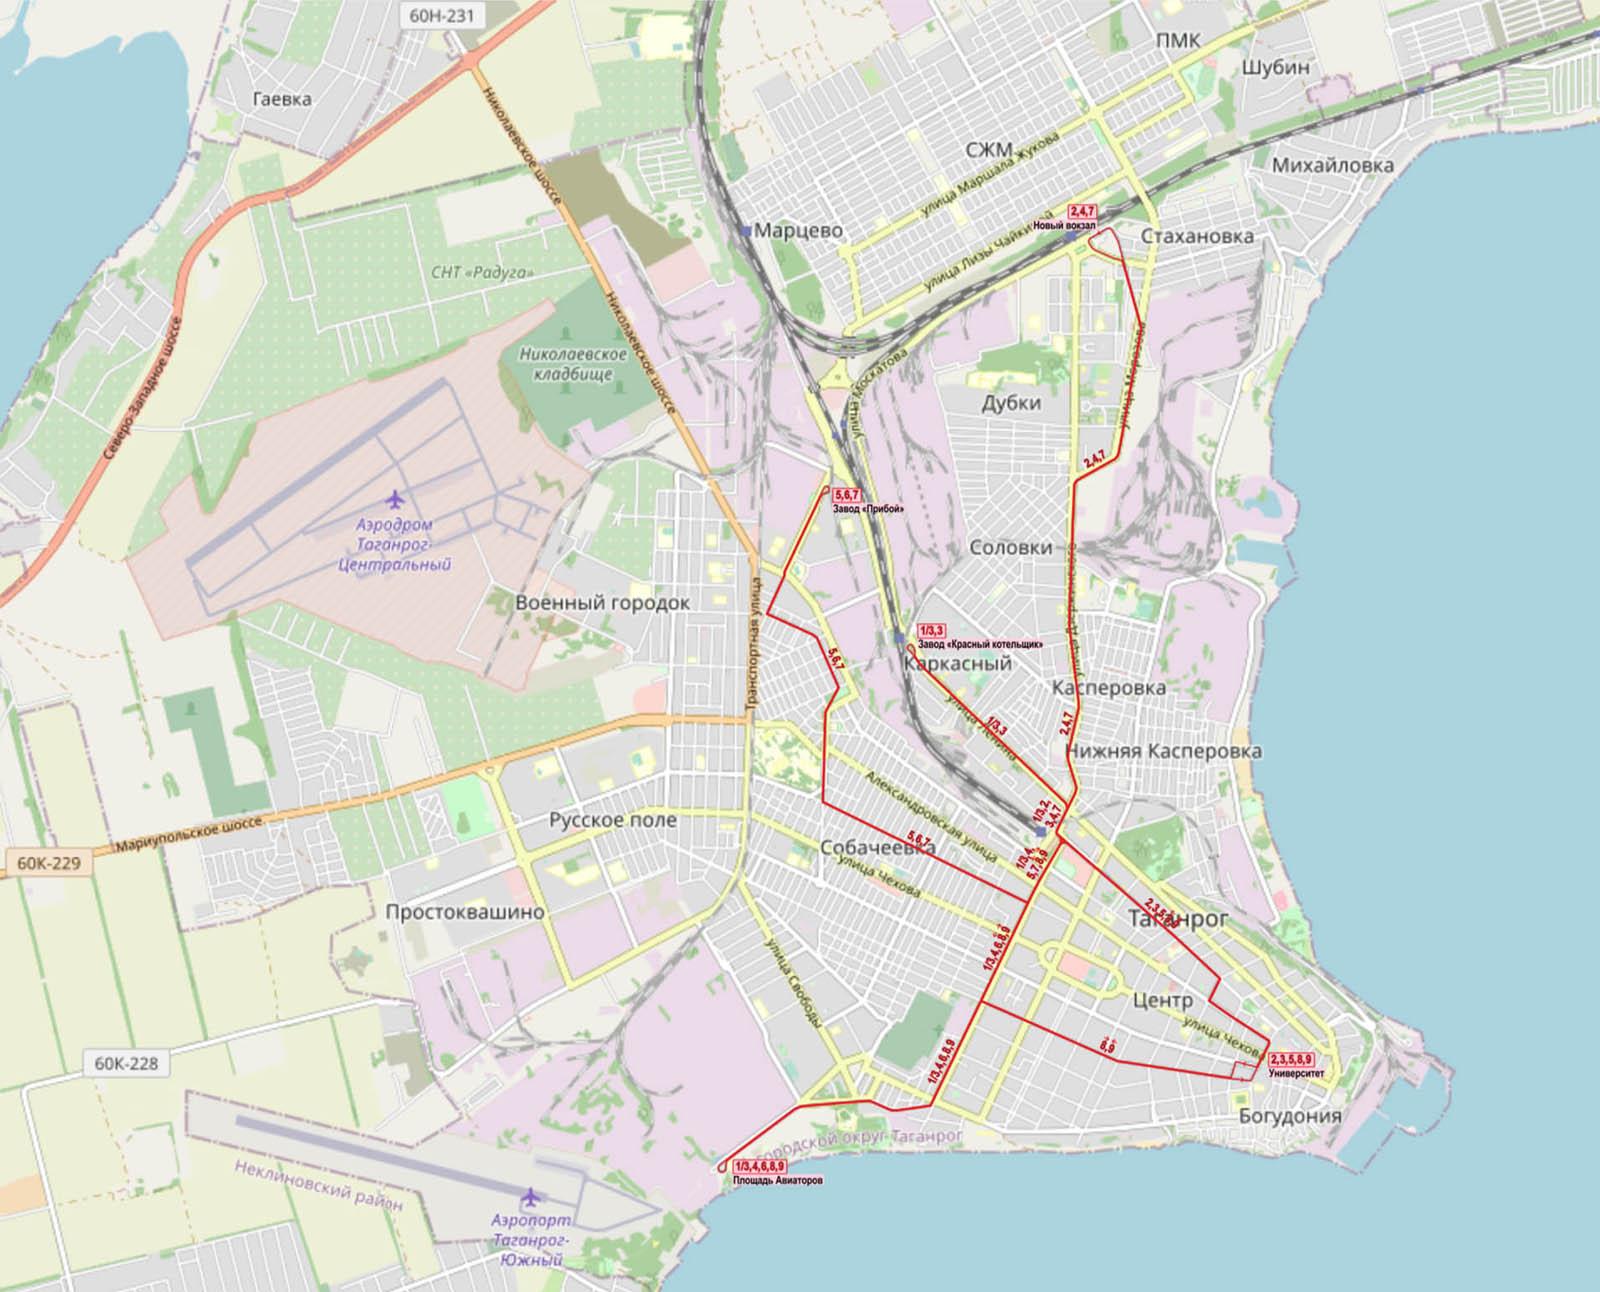 В Таганроге девять трамвайных маршрутов — на карте они выделены красным. На трамвае можно добраться до Старого и Нового вокзалов, исторического центра, радиотехнического университета и крупных предприятий